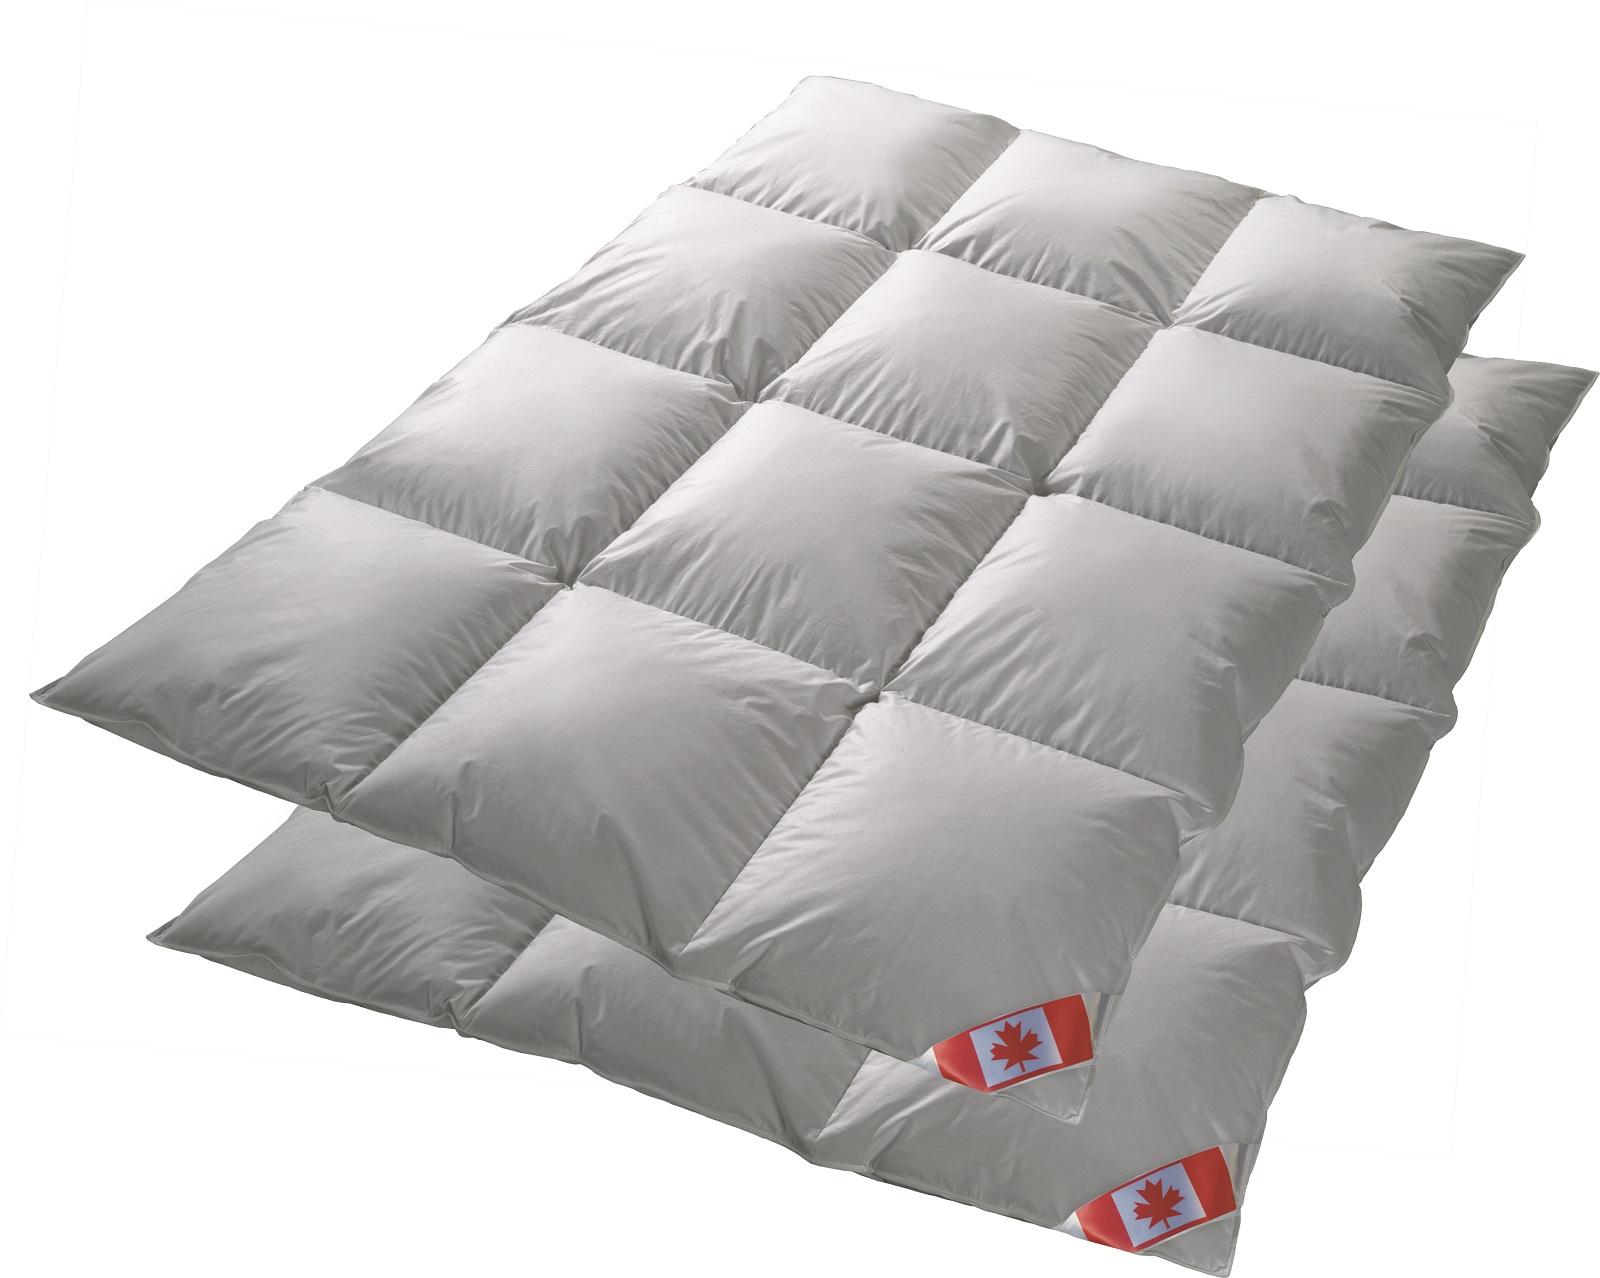 Angebot 2 Canada Kassetten Daunendecken extra warm Winterdecke 100% Daune 135x200 cm C5